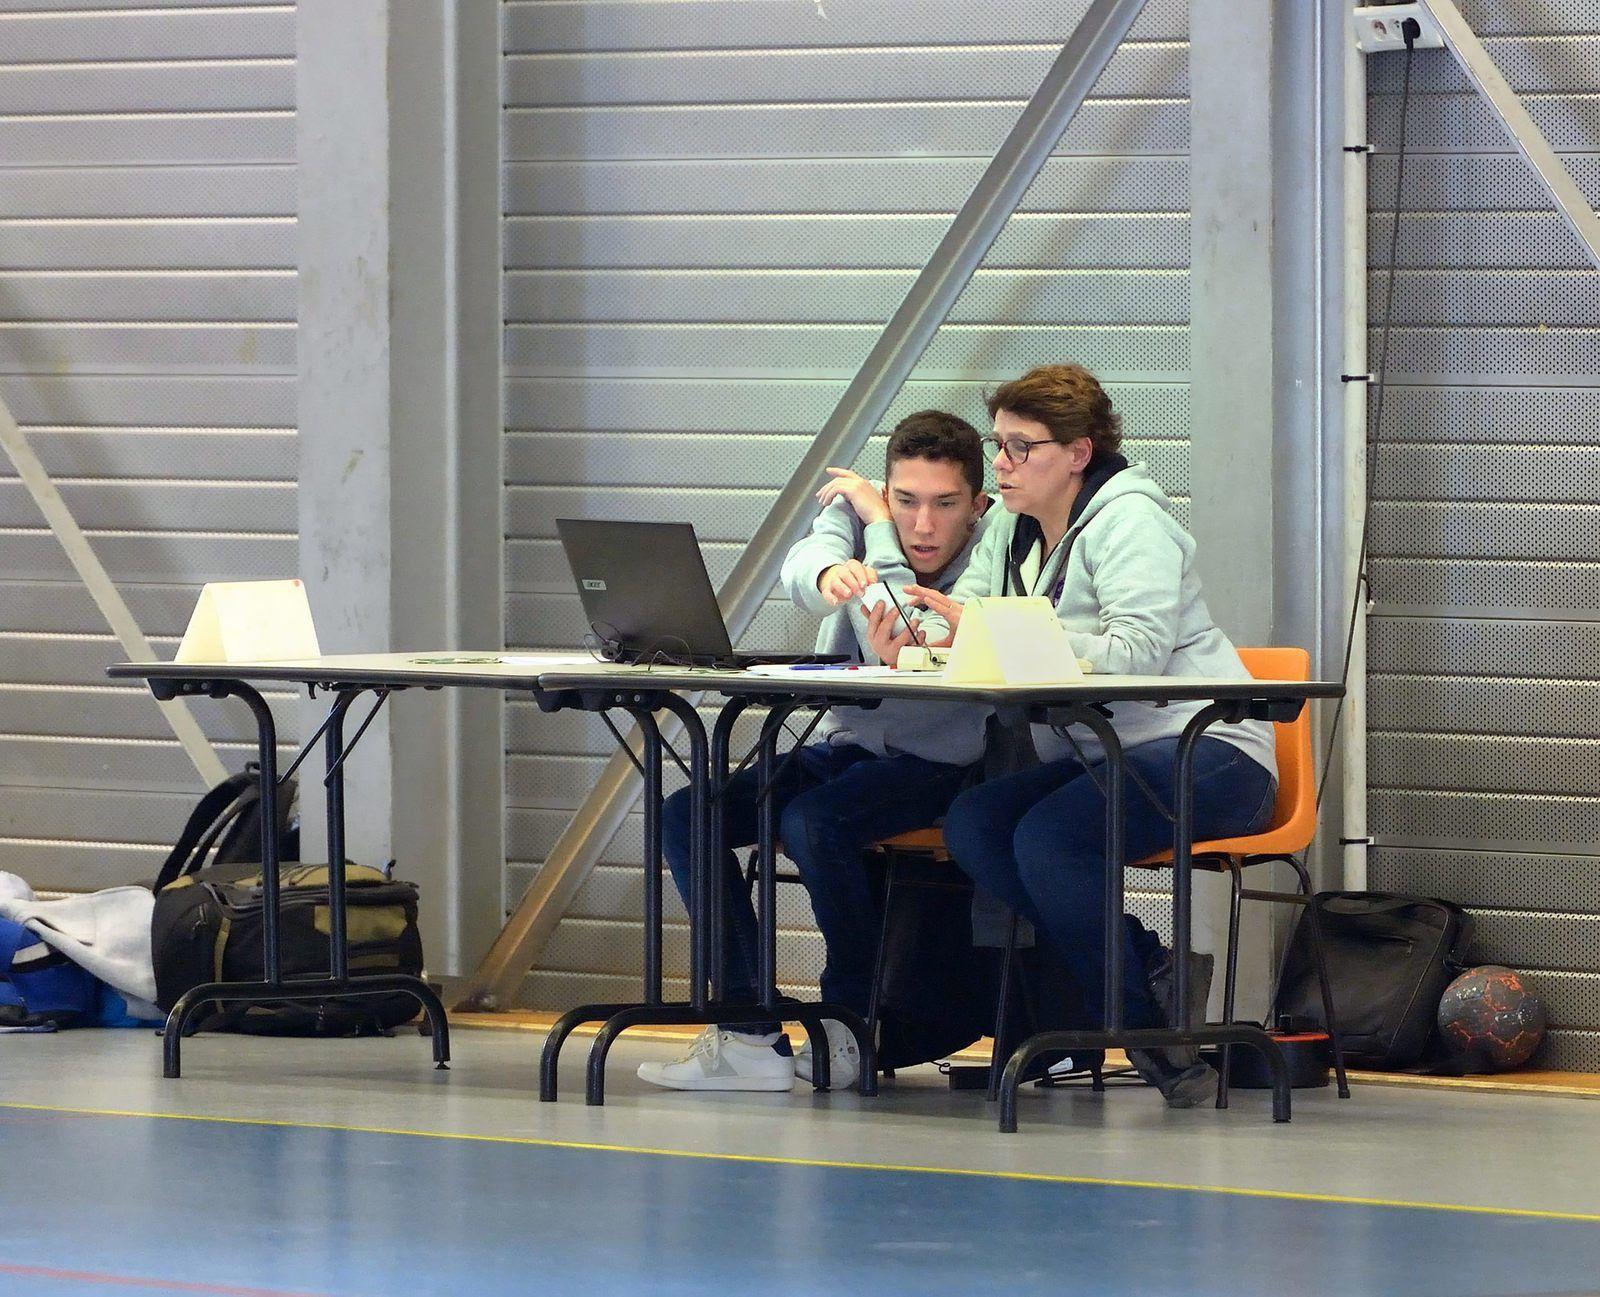 -18 Territorial le VAL DE LYESSE l'emporte facilement face au collectif de l'AIN samedi 7 avril 2018